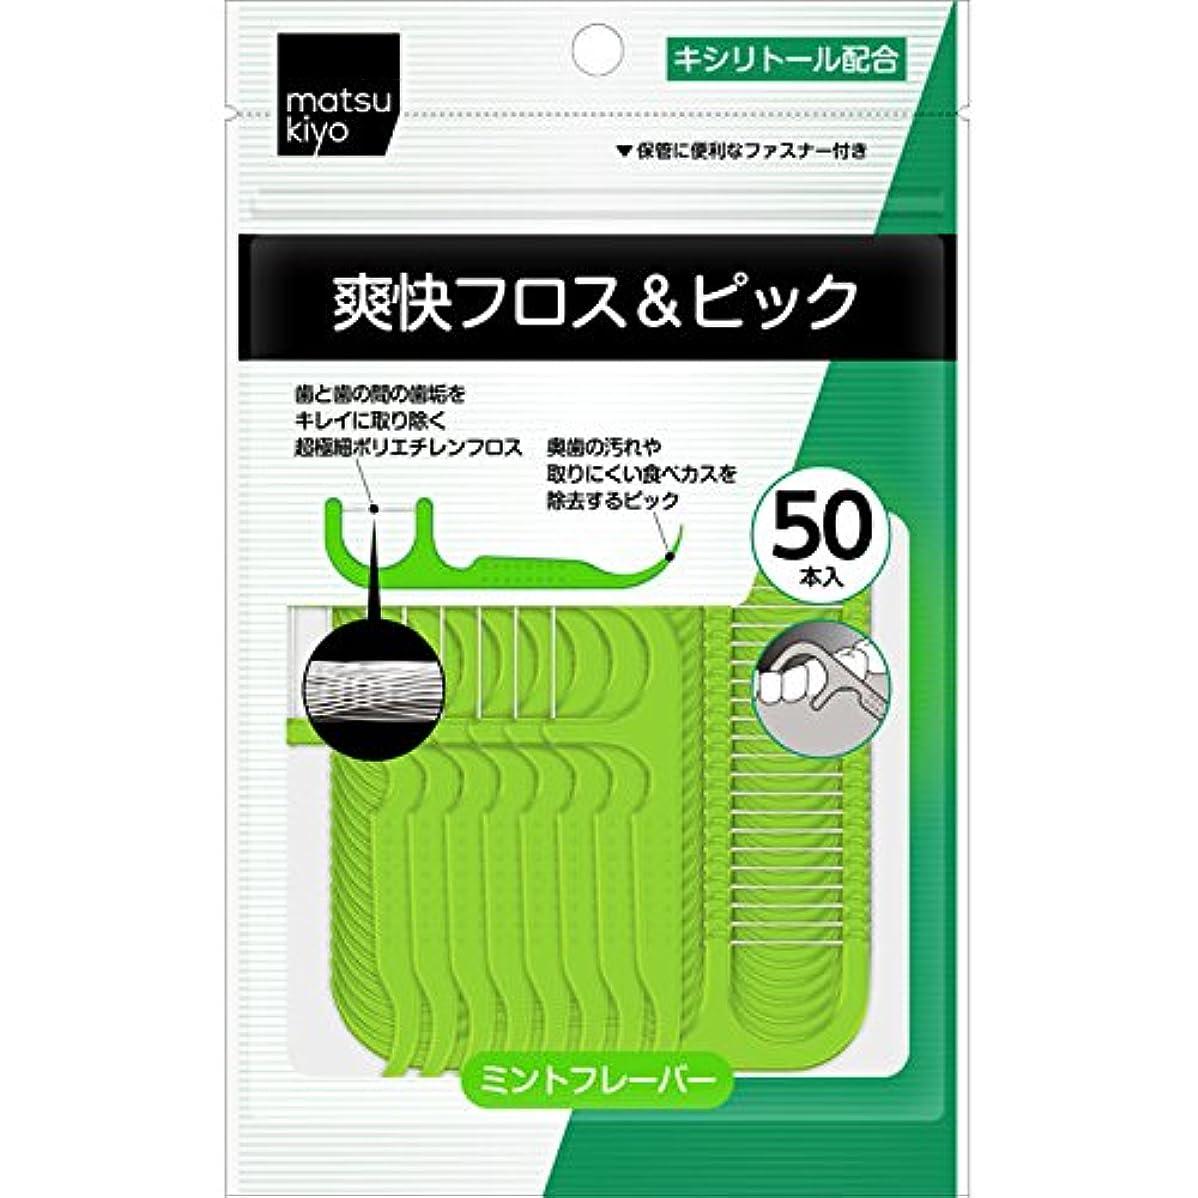 欺農民推進力matsukiyo 爽快フロス&ピック 50本